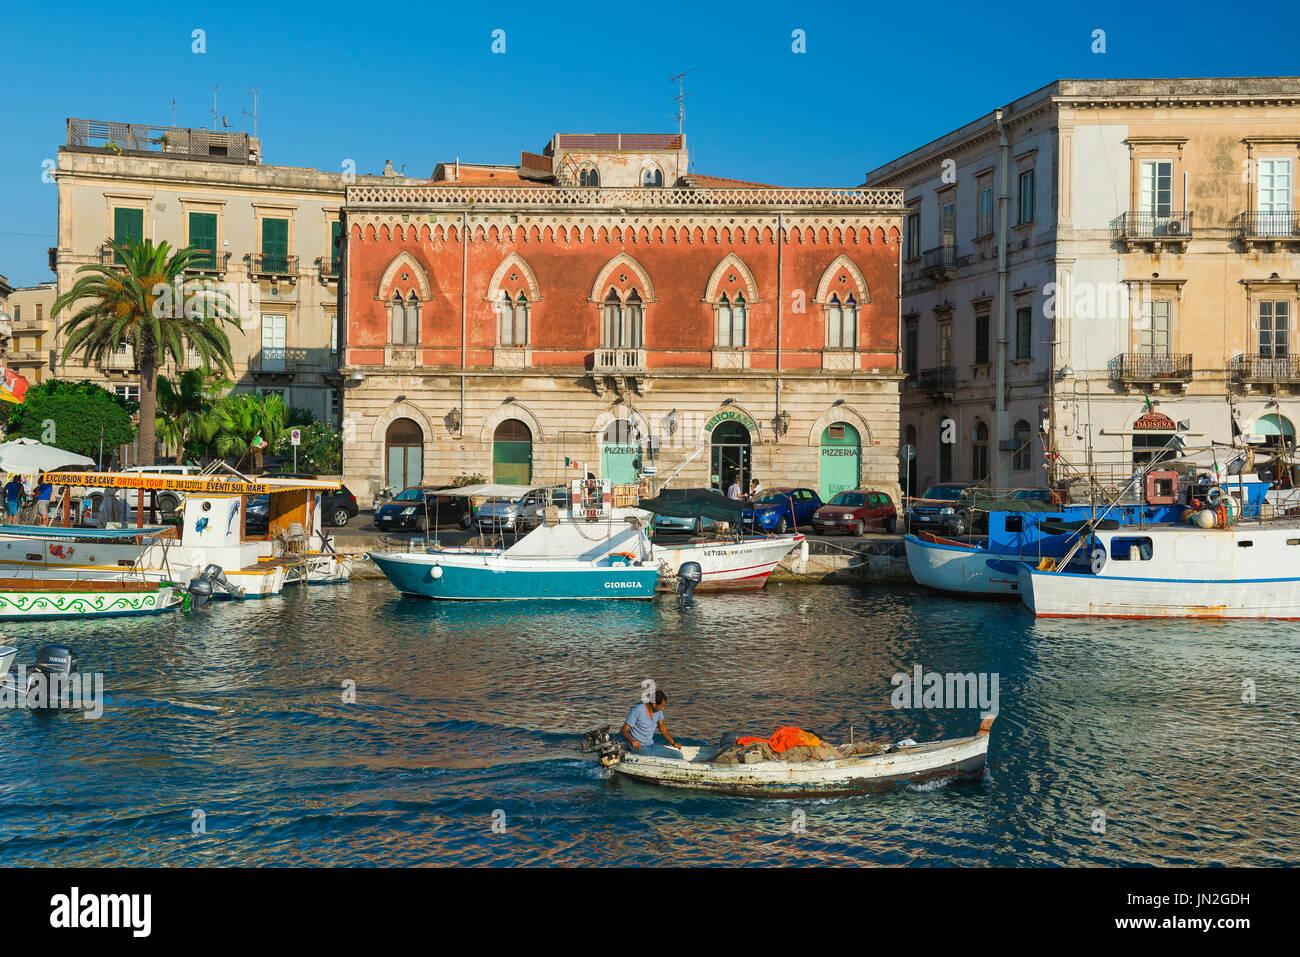 Sizilien steuert Angelboot/Fischerboot, ein Fischer seine Skiff entlang der Darsena-Kanal trennt die Stadt Syrakus von Ortigia Insel Sizilien. Stockbild